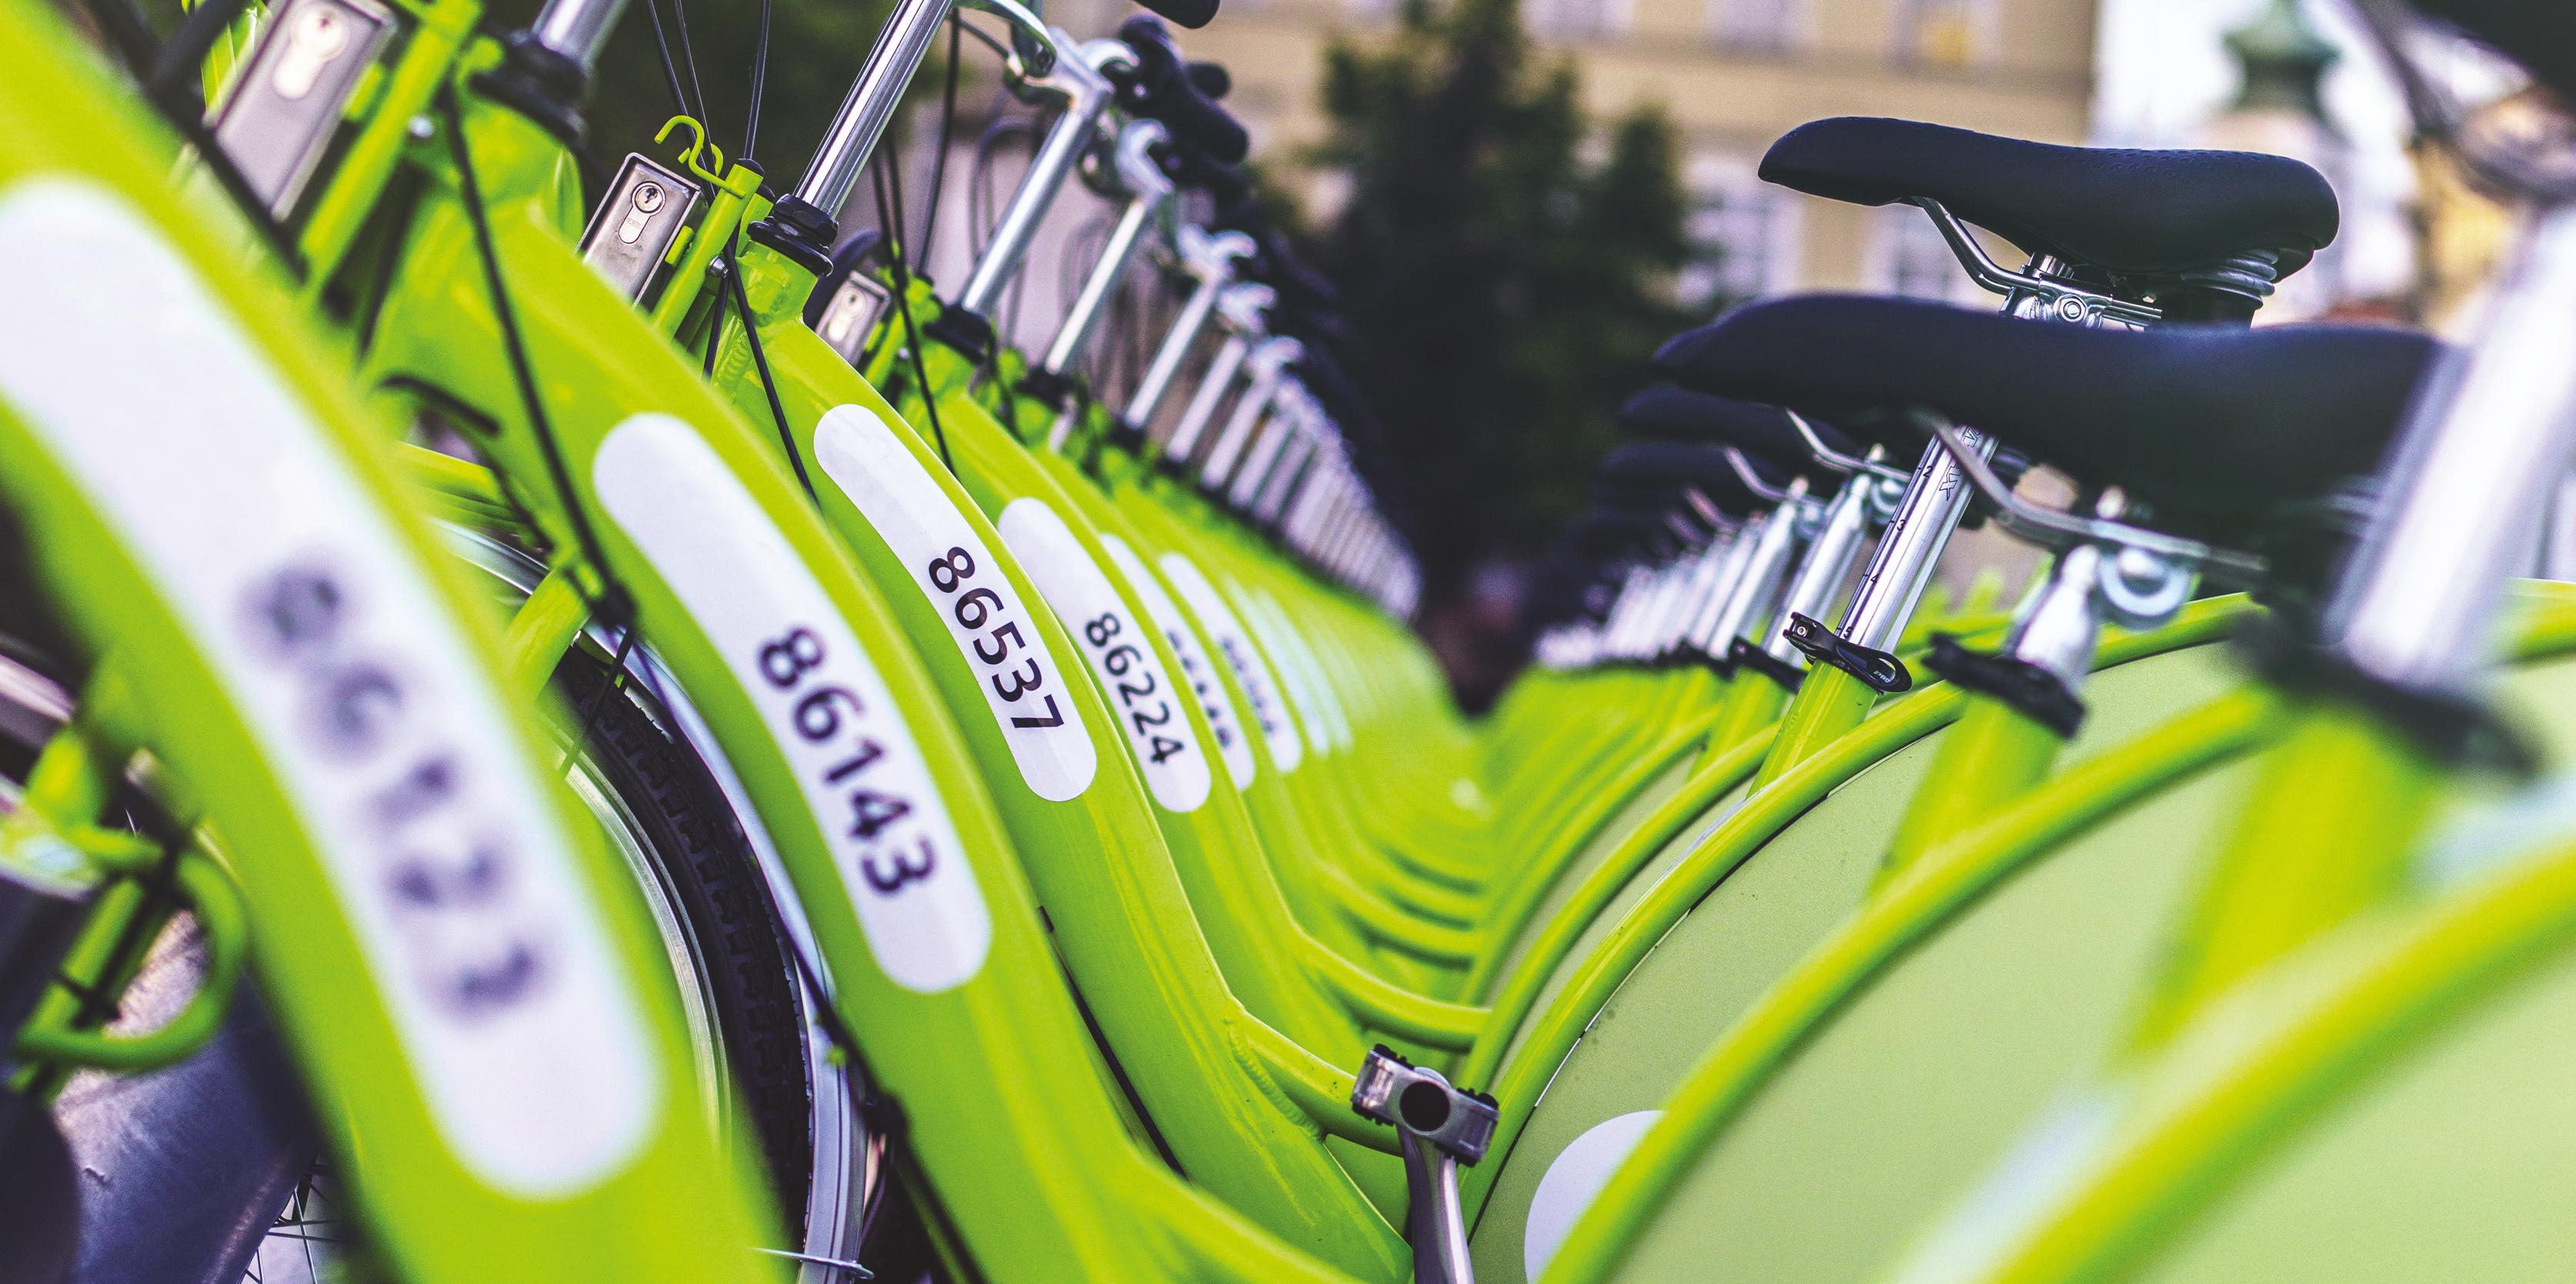 Vélogik, expert de la maintenance de grandes flottes de vélos, ouvre une filiale au Royaume-Uni